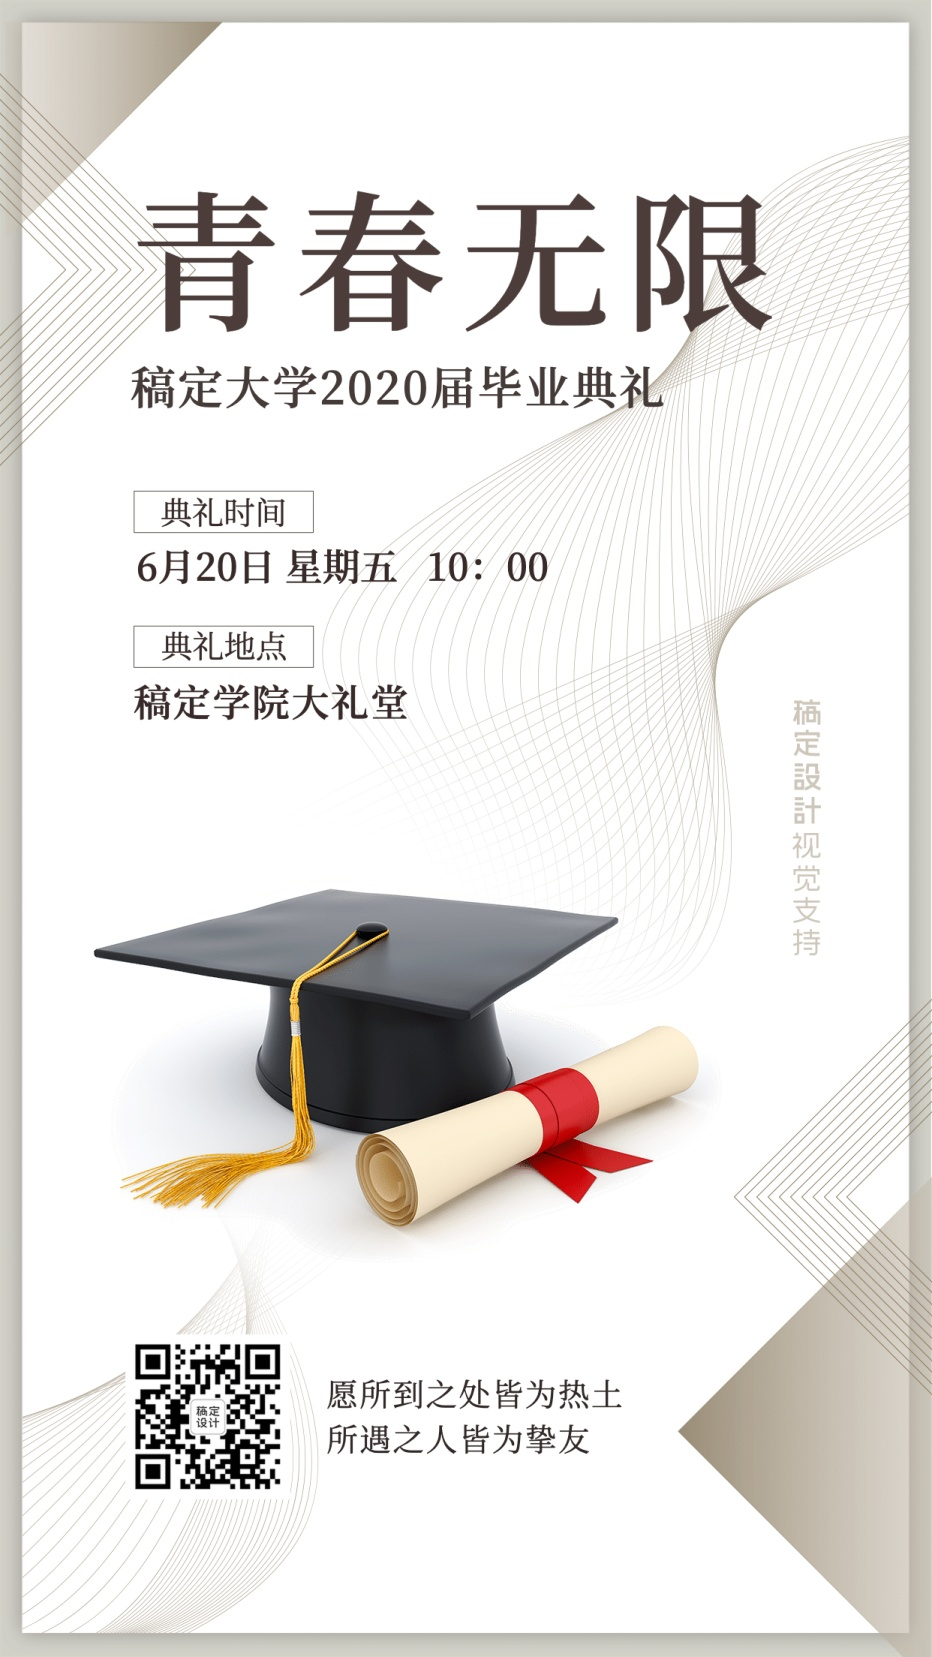 毕业典礼讲座通知邀请函